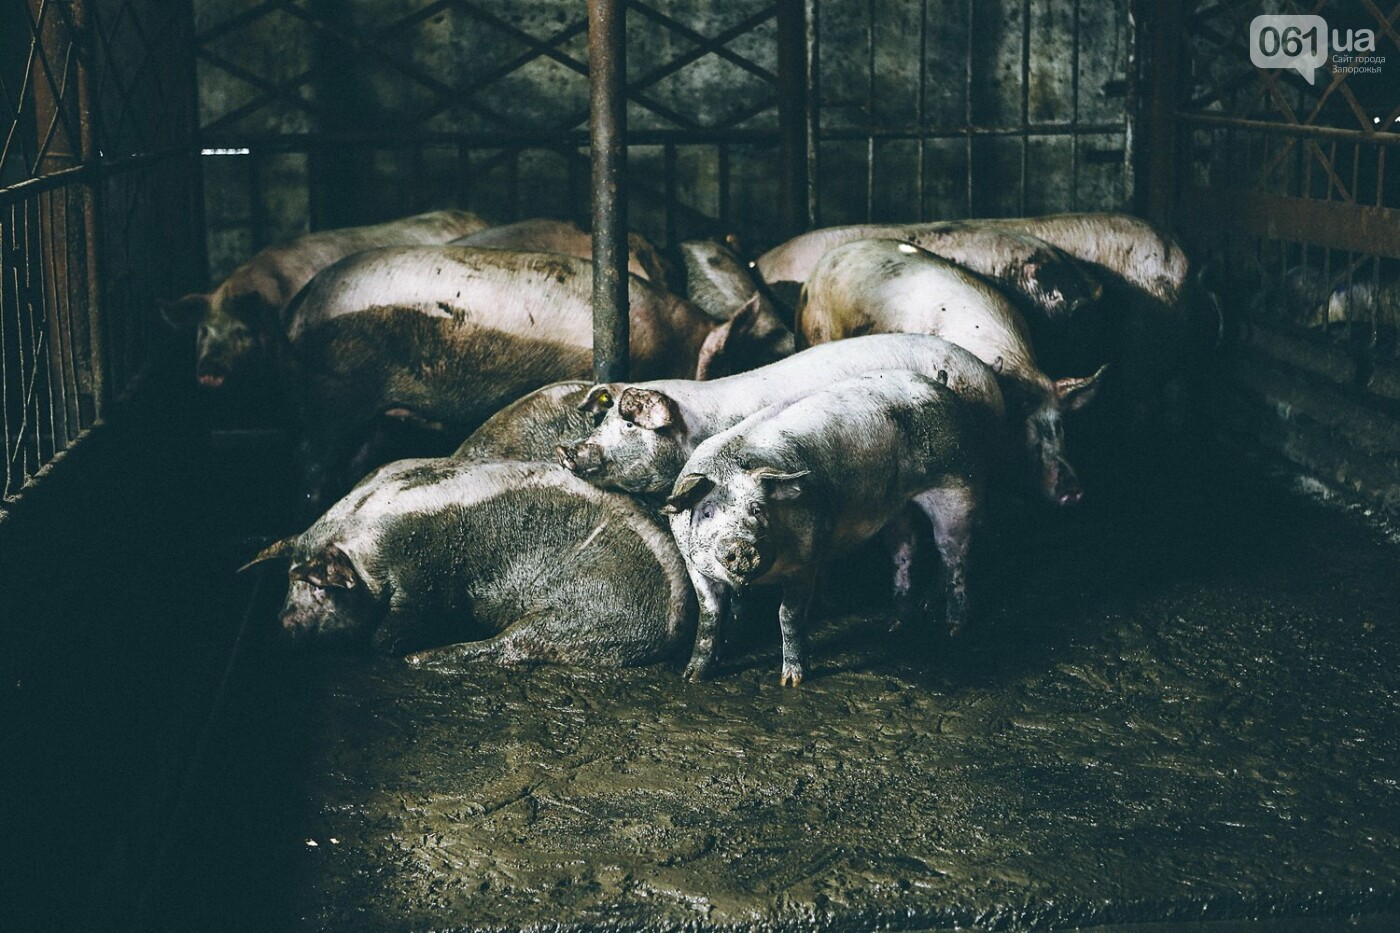 Забой скота в Украине приходит к европейским стандартам - ФОТОРЕПОРТАЖ 18+, фото-2